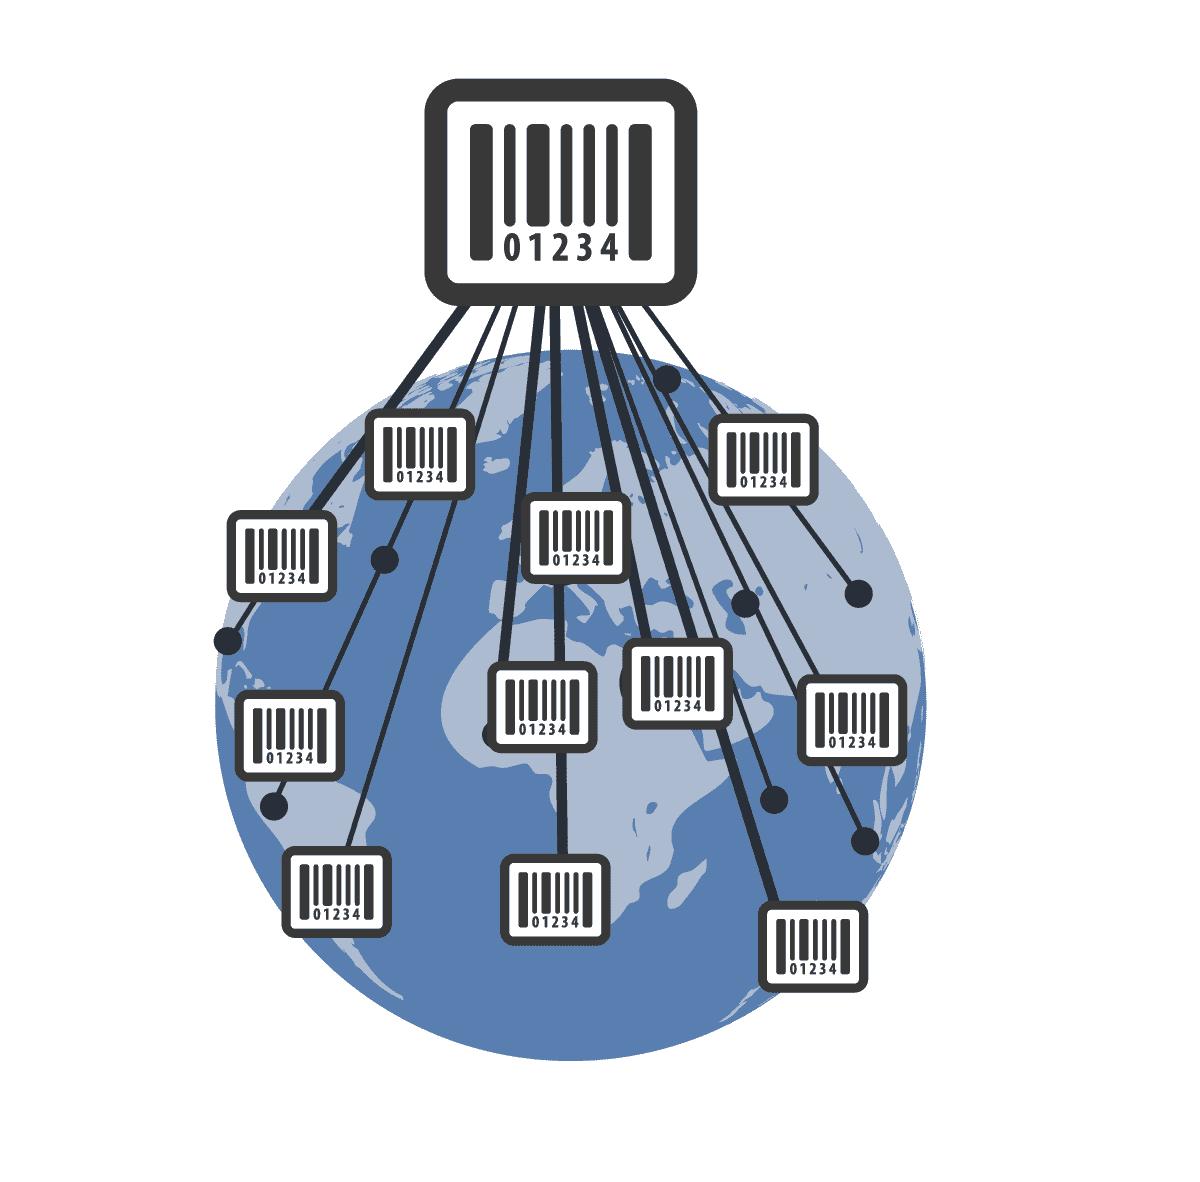 Barcode distribution